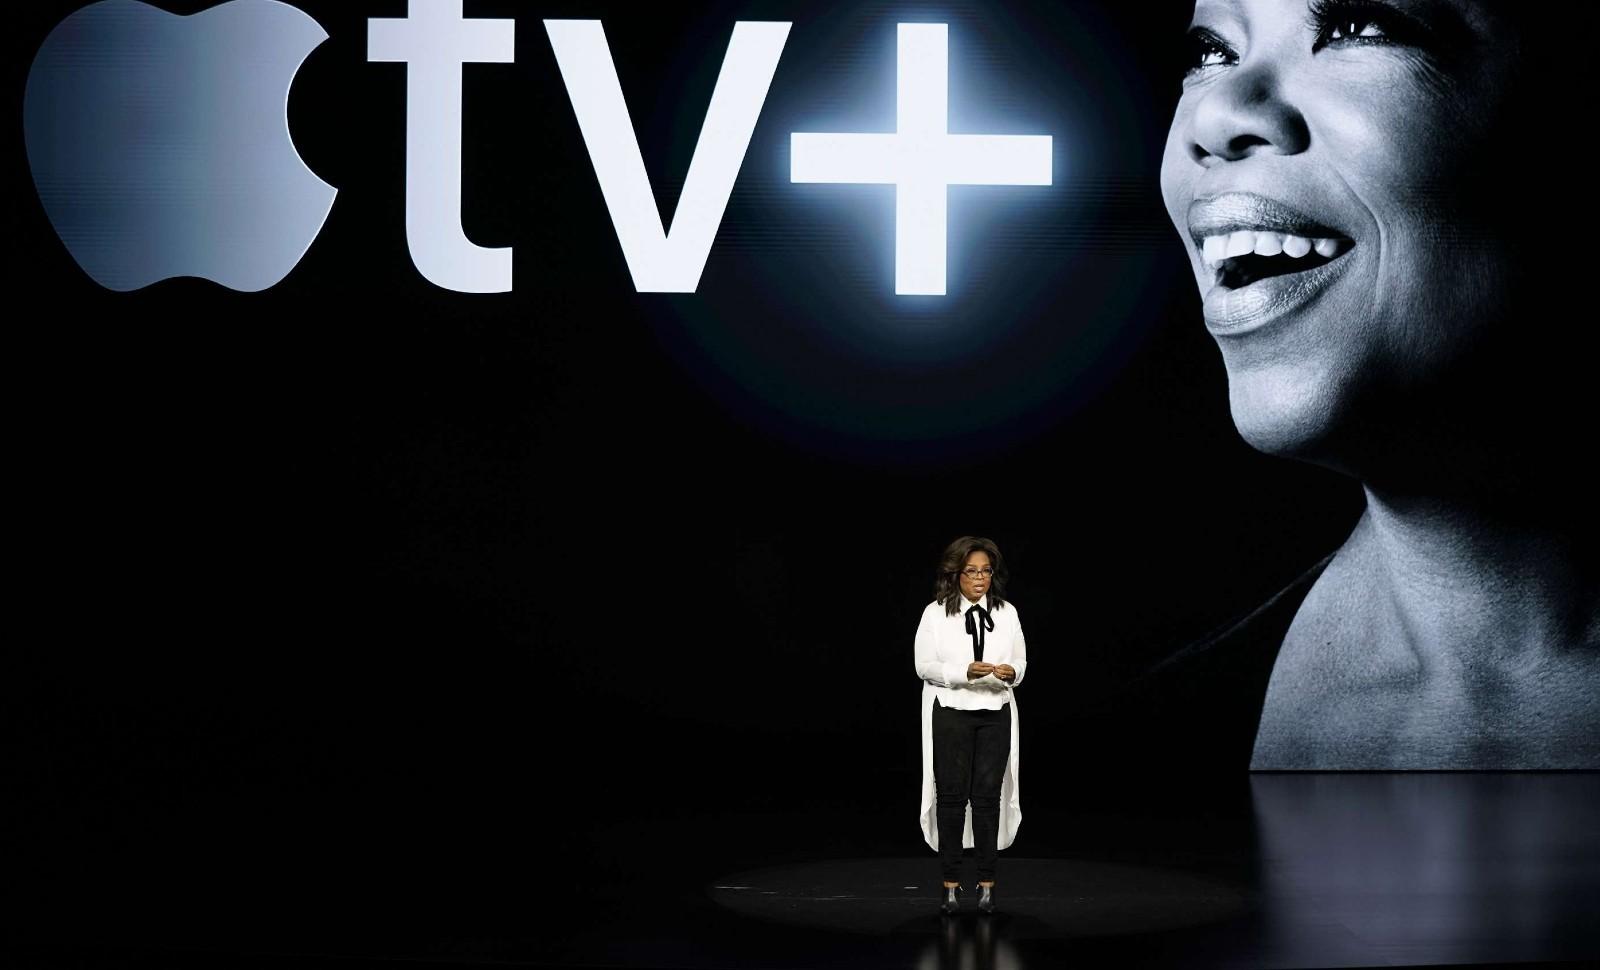 La vedette Oprah Winfrey  présente le nouveau service Apple tv + au siège de la marque à Cupertino en Californie, le 25 mars 2019 © Tony Avelar/AP/SIPA Numéro de reportage: AP22320417_000007